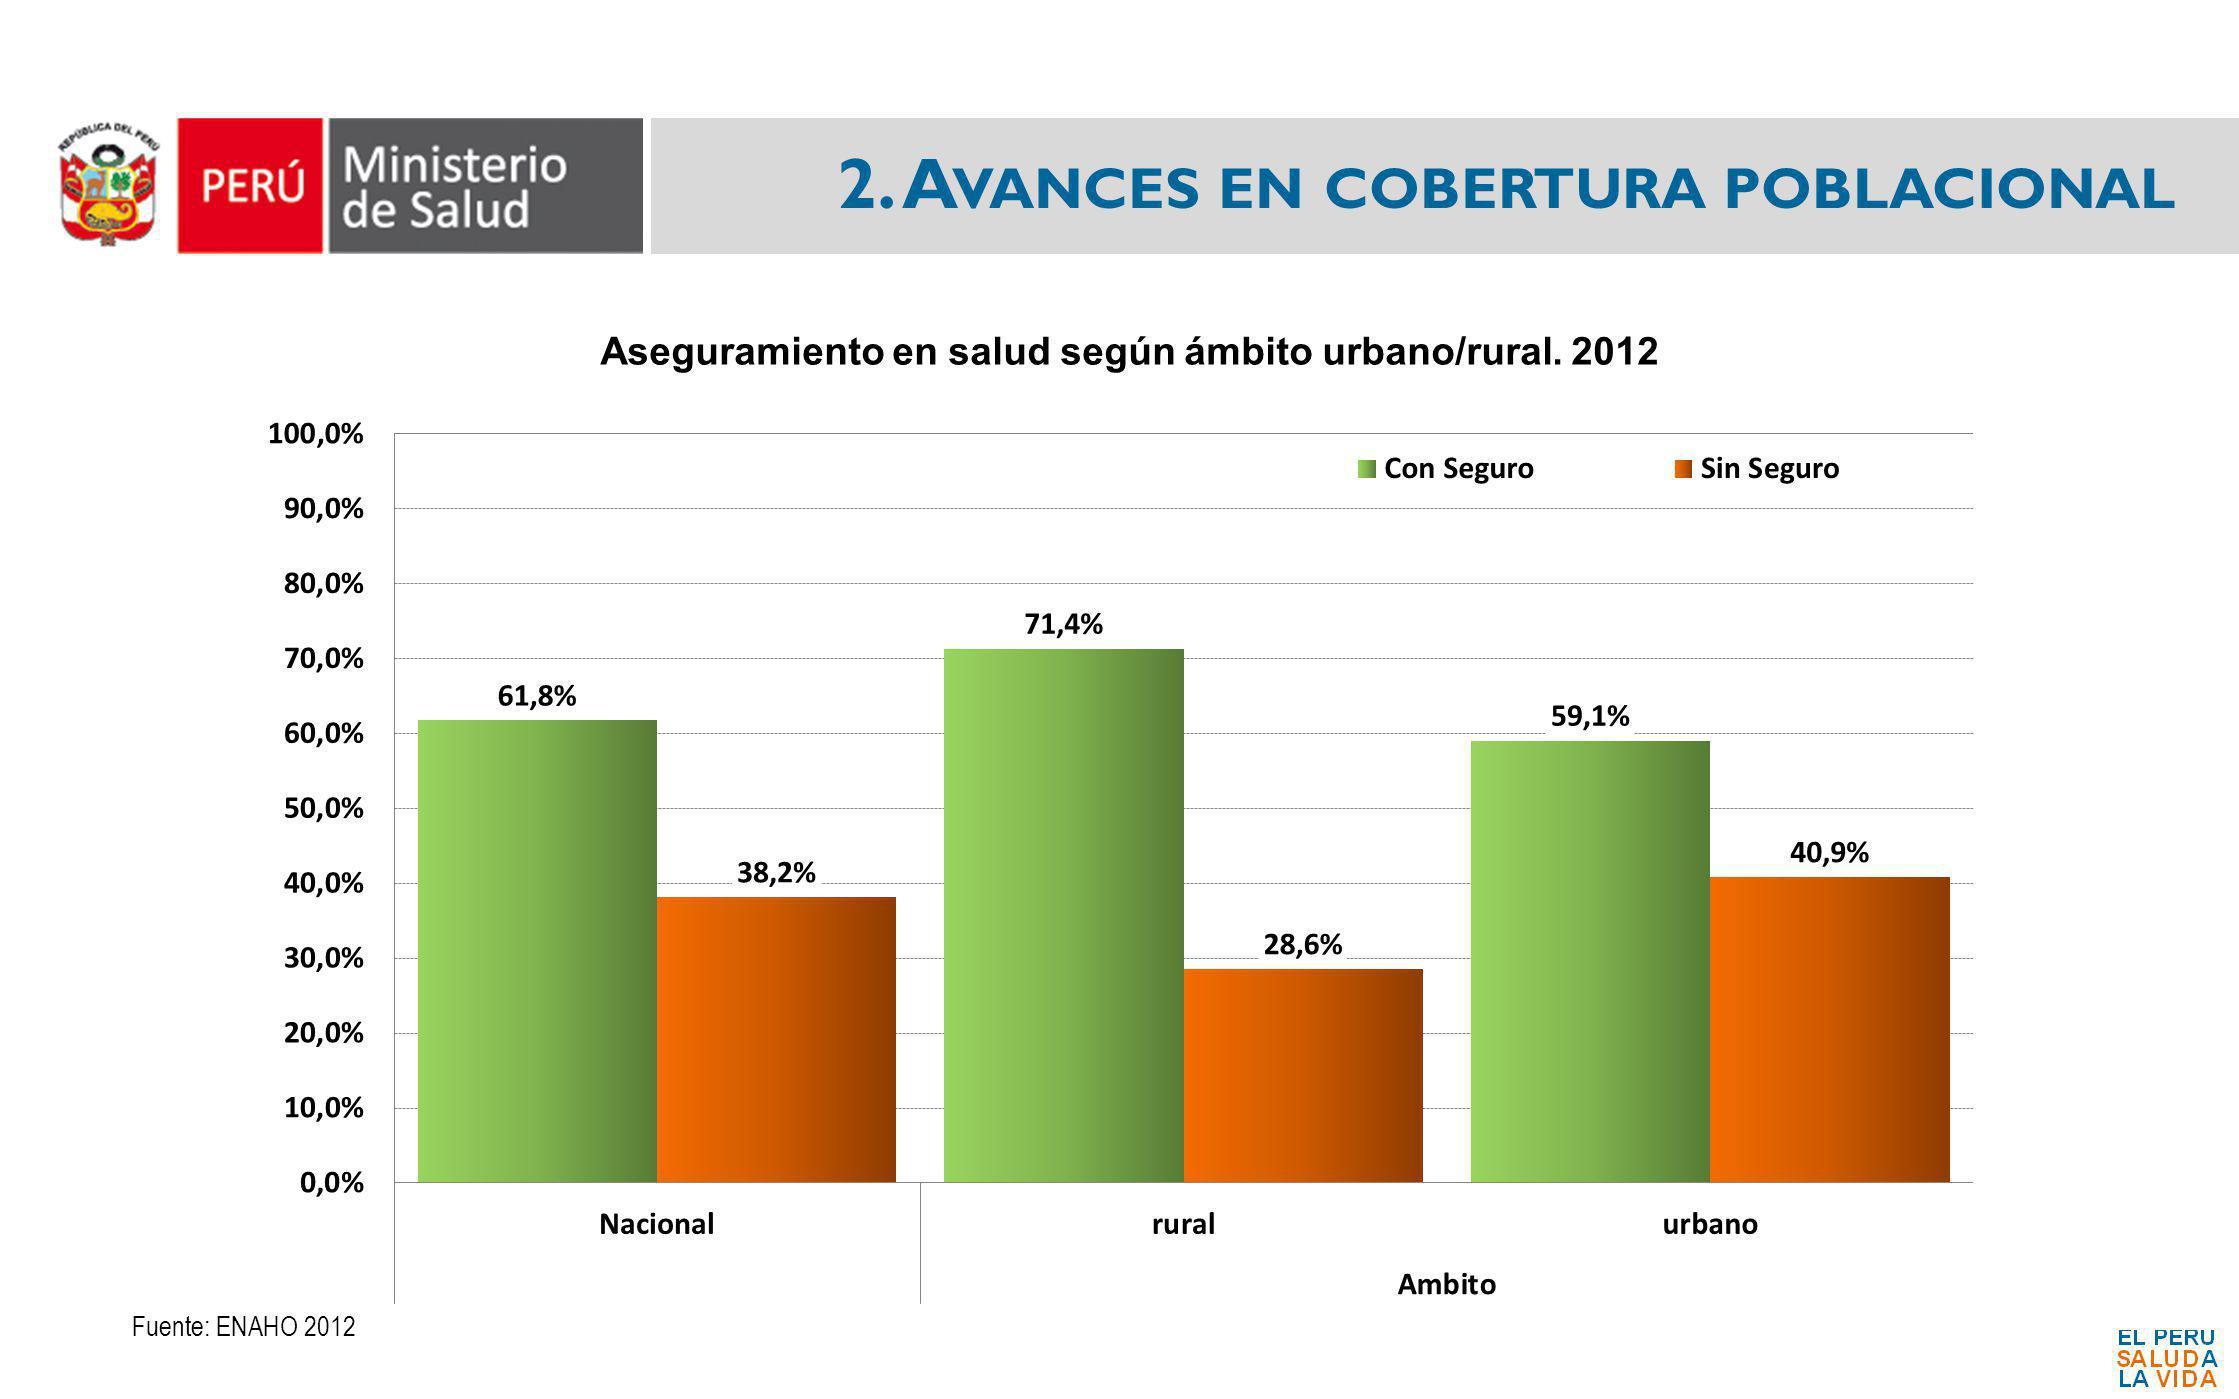 2. A VANCES EN COBERTURA POBLACIONAL Fuente: ENAHO 2012 Aseguramiento en salud según ámbito urbano/rural. 2012